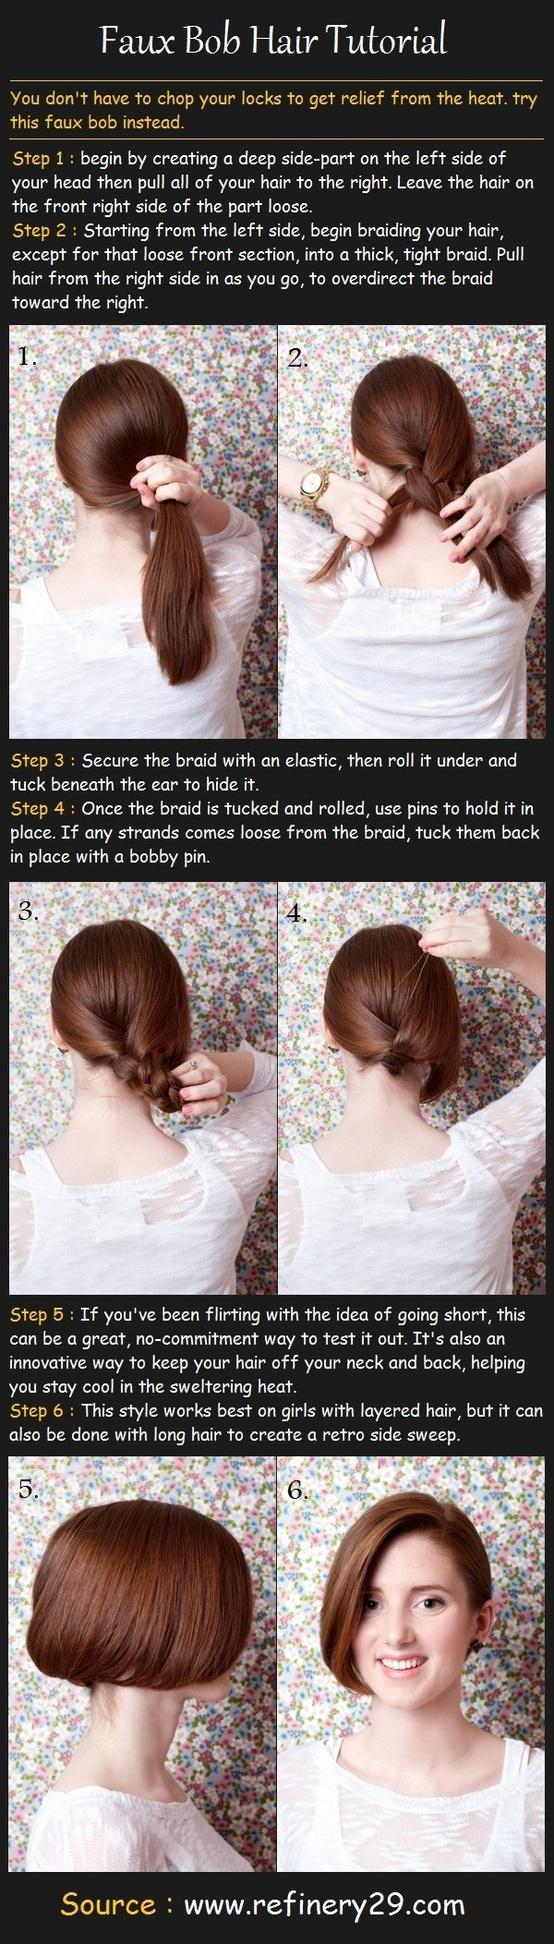 Faux Bob Hair Tutorial Hairstyles How To Hair Tutorial Bob Hairstyles Long Hair Styles